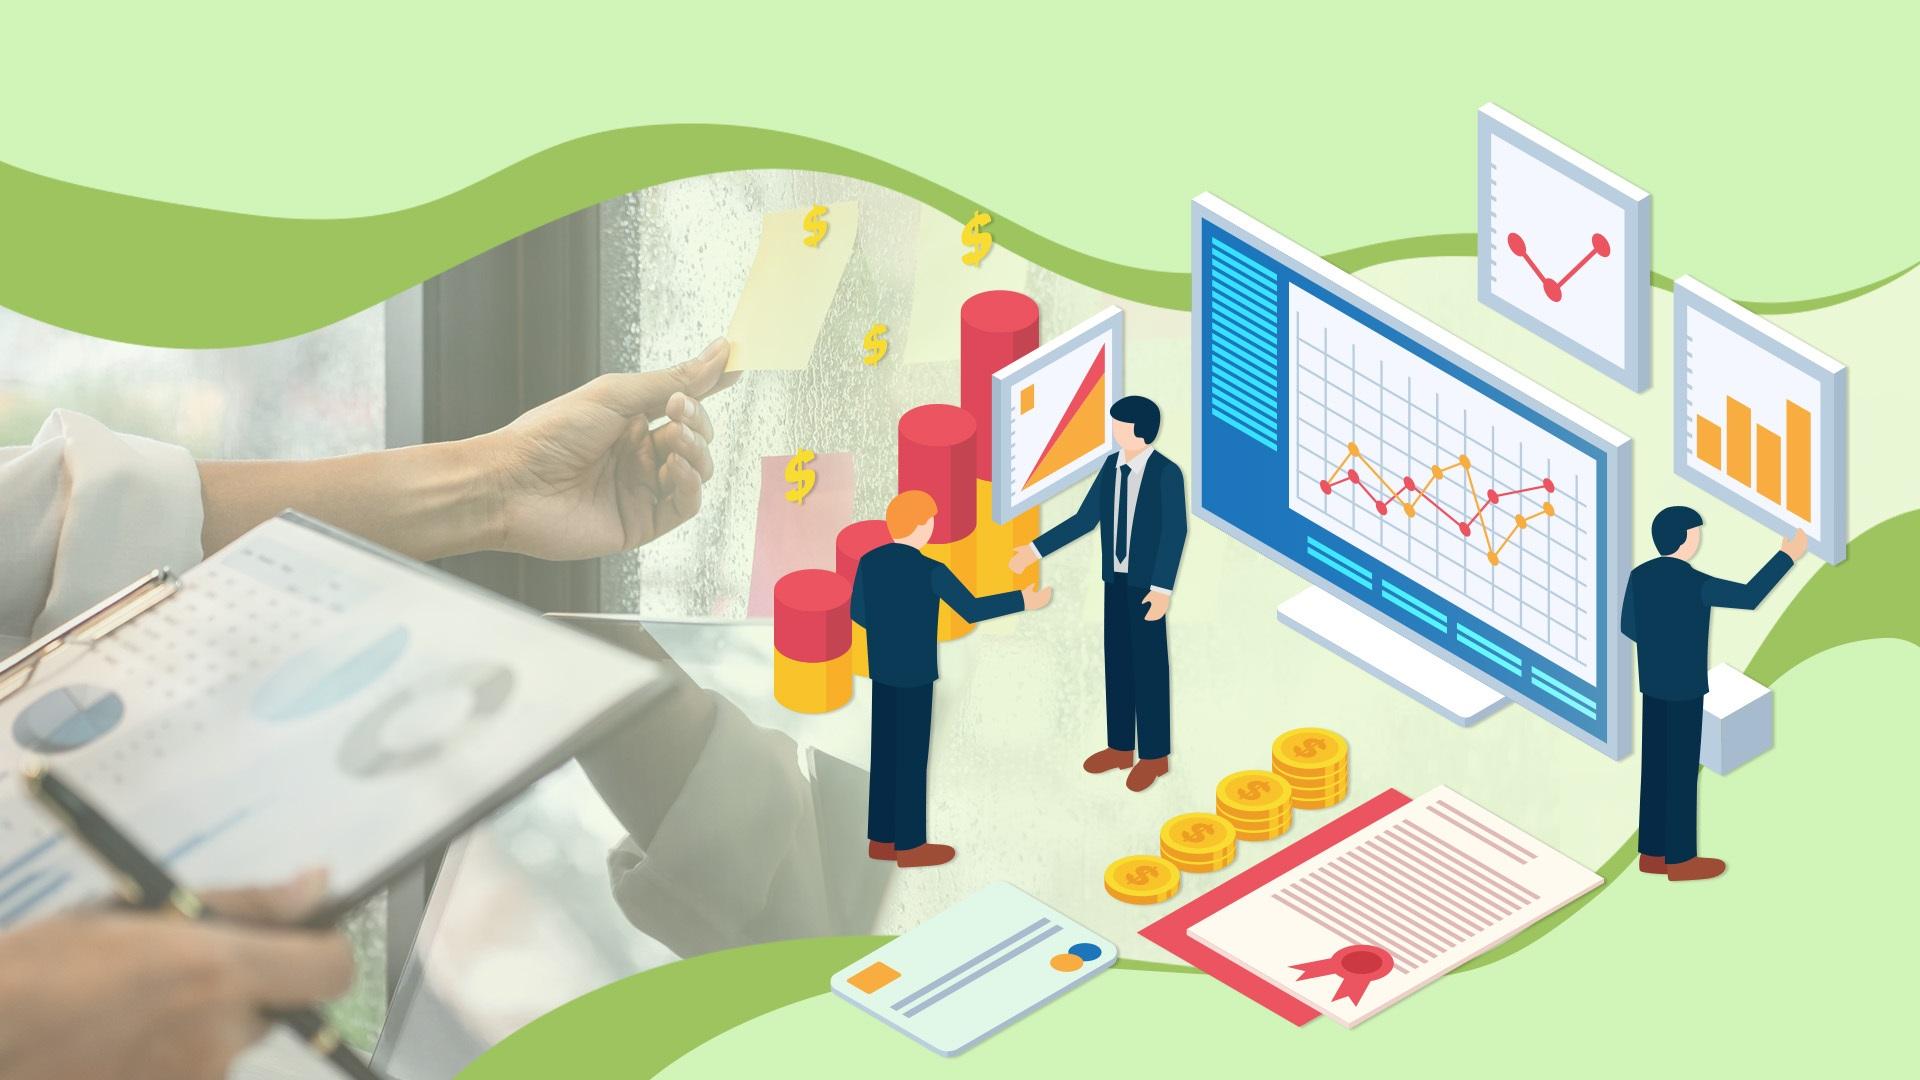 Công tác kế toán tập trung là hình thức tổ chức gì? - Đại lý thuế Trọng Tín